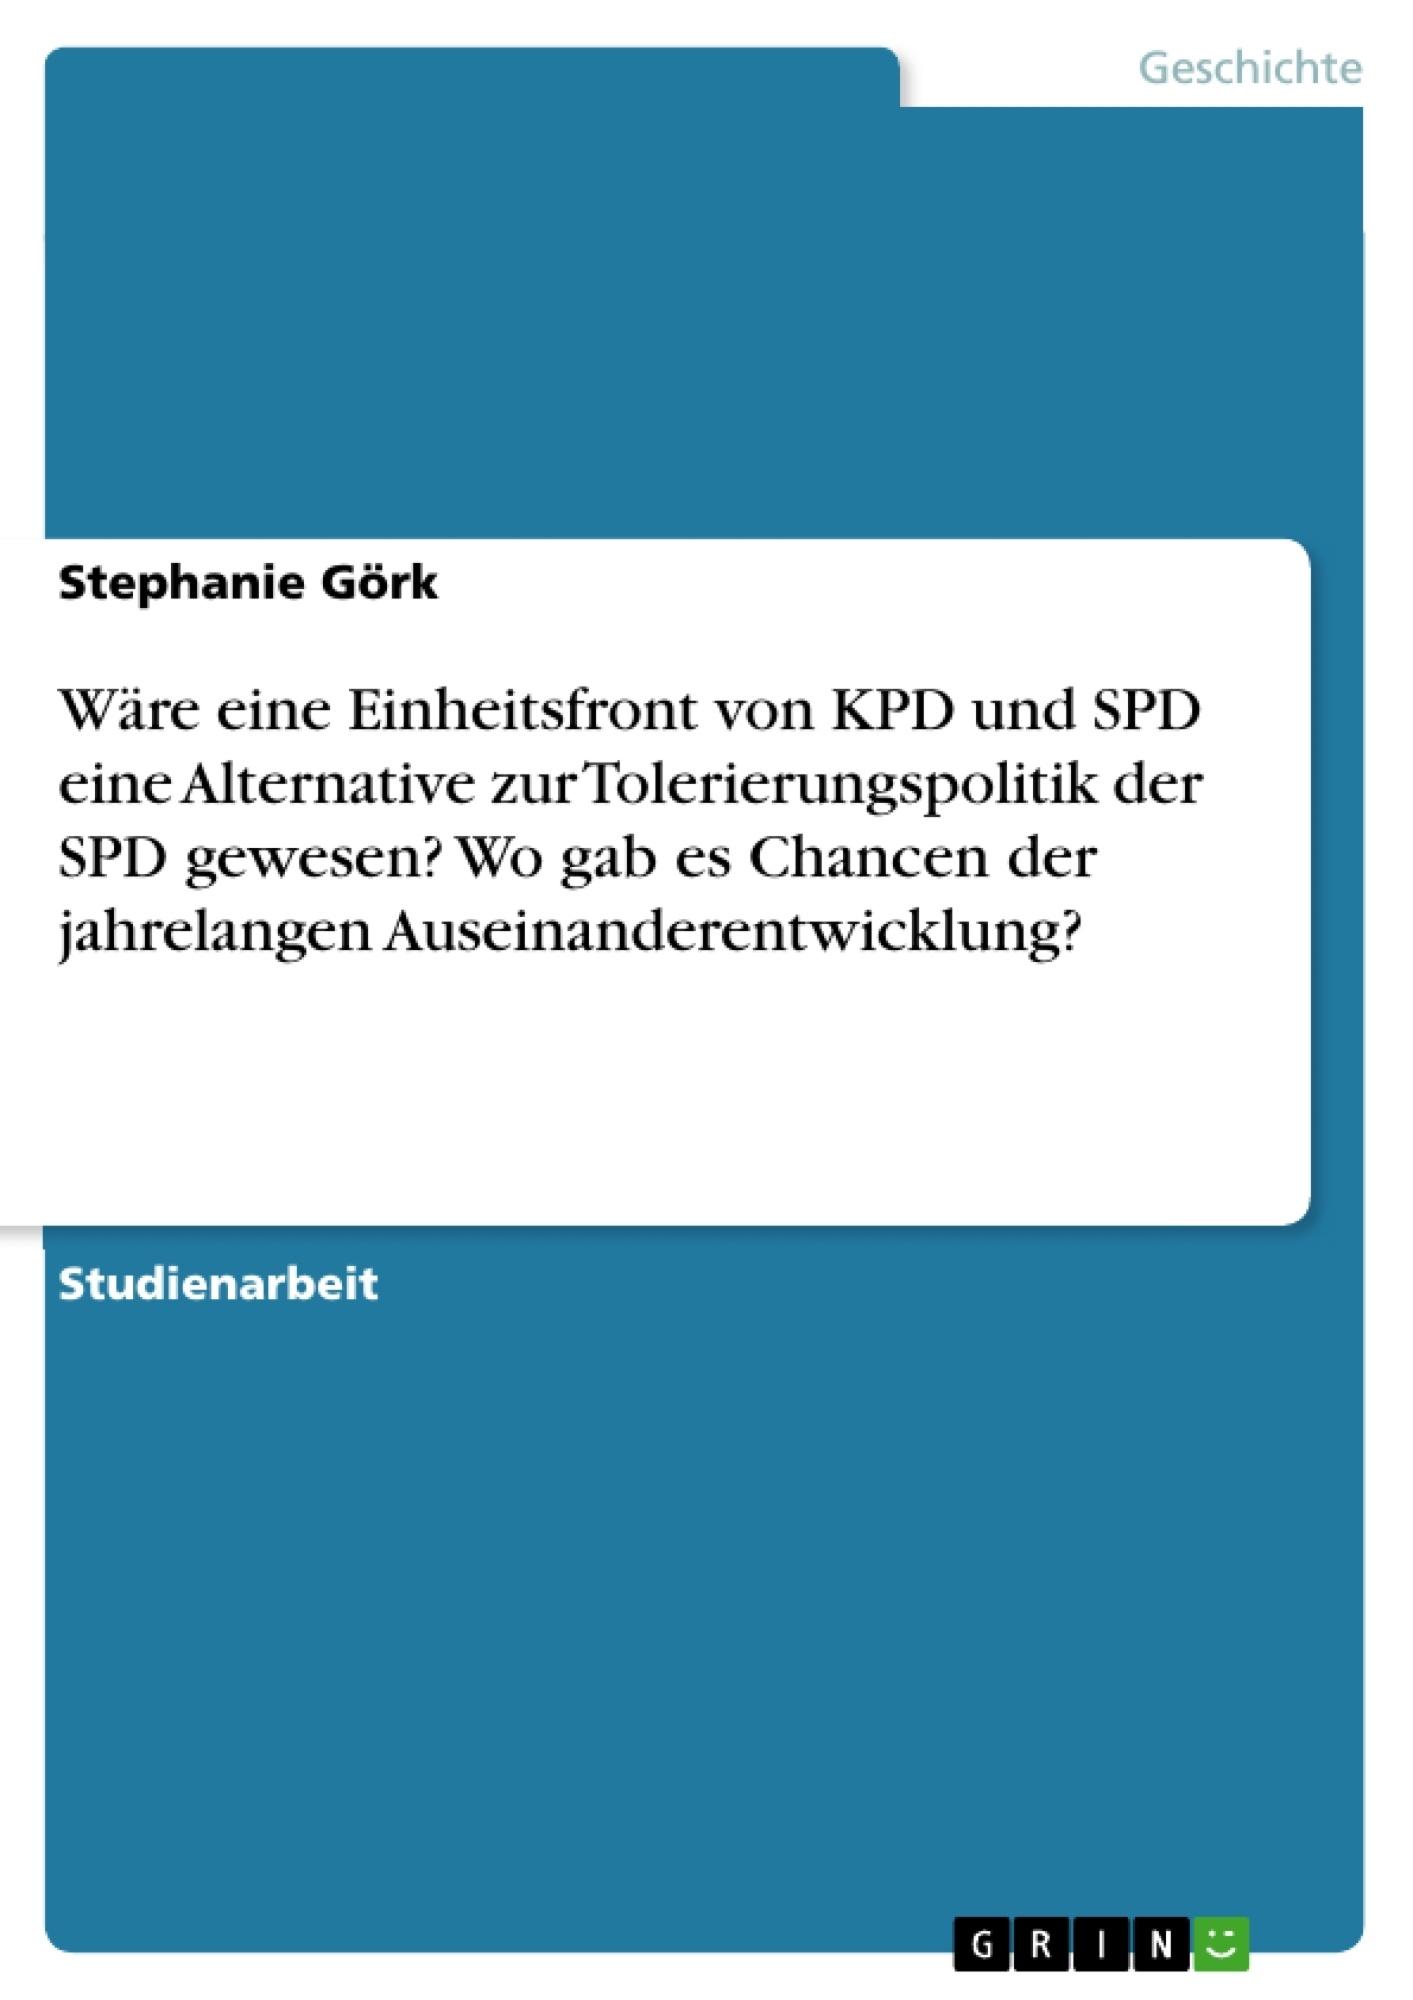 Titel: Wäre eine Einheitsfront von KPD und SPD eine Alternative zur Tolerierungspolitik der SPD gewesen? Wo gab es Chancen der jahrelangen Auseinanderentwicklung?